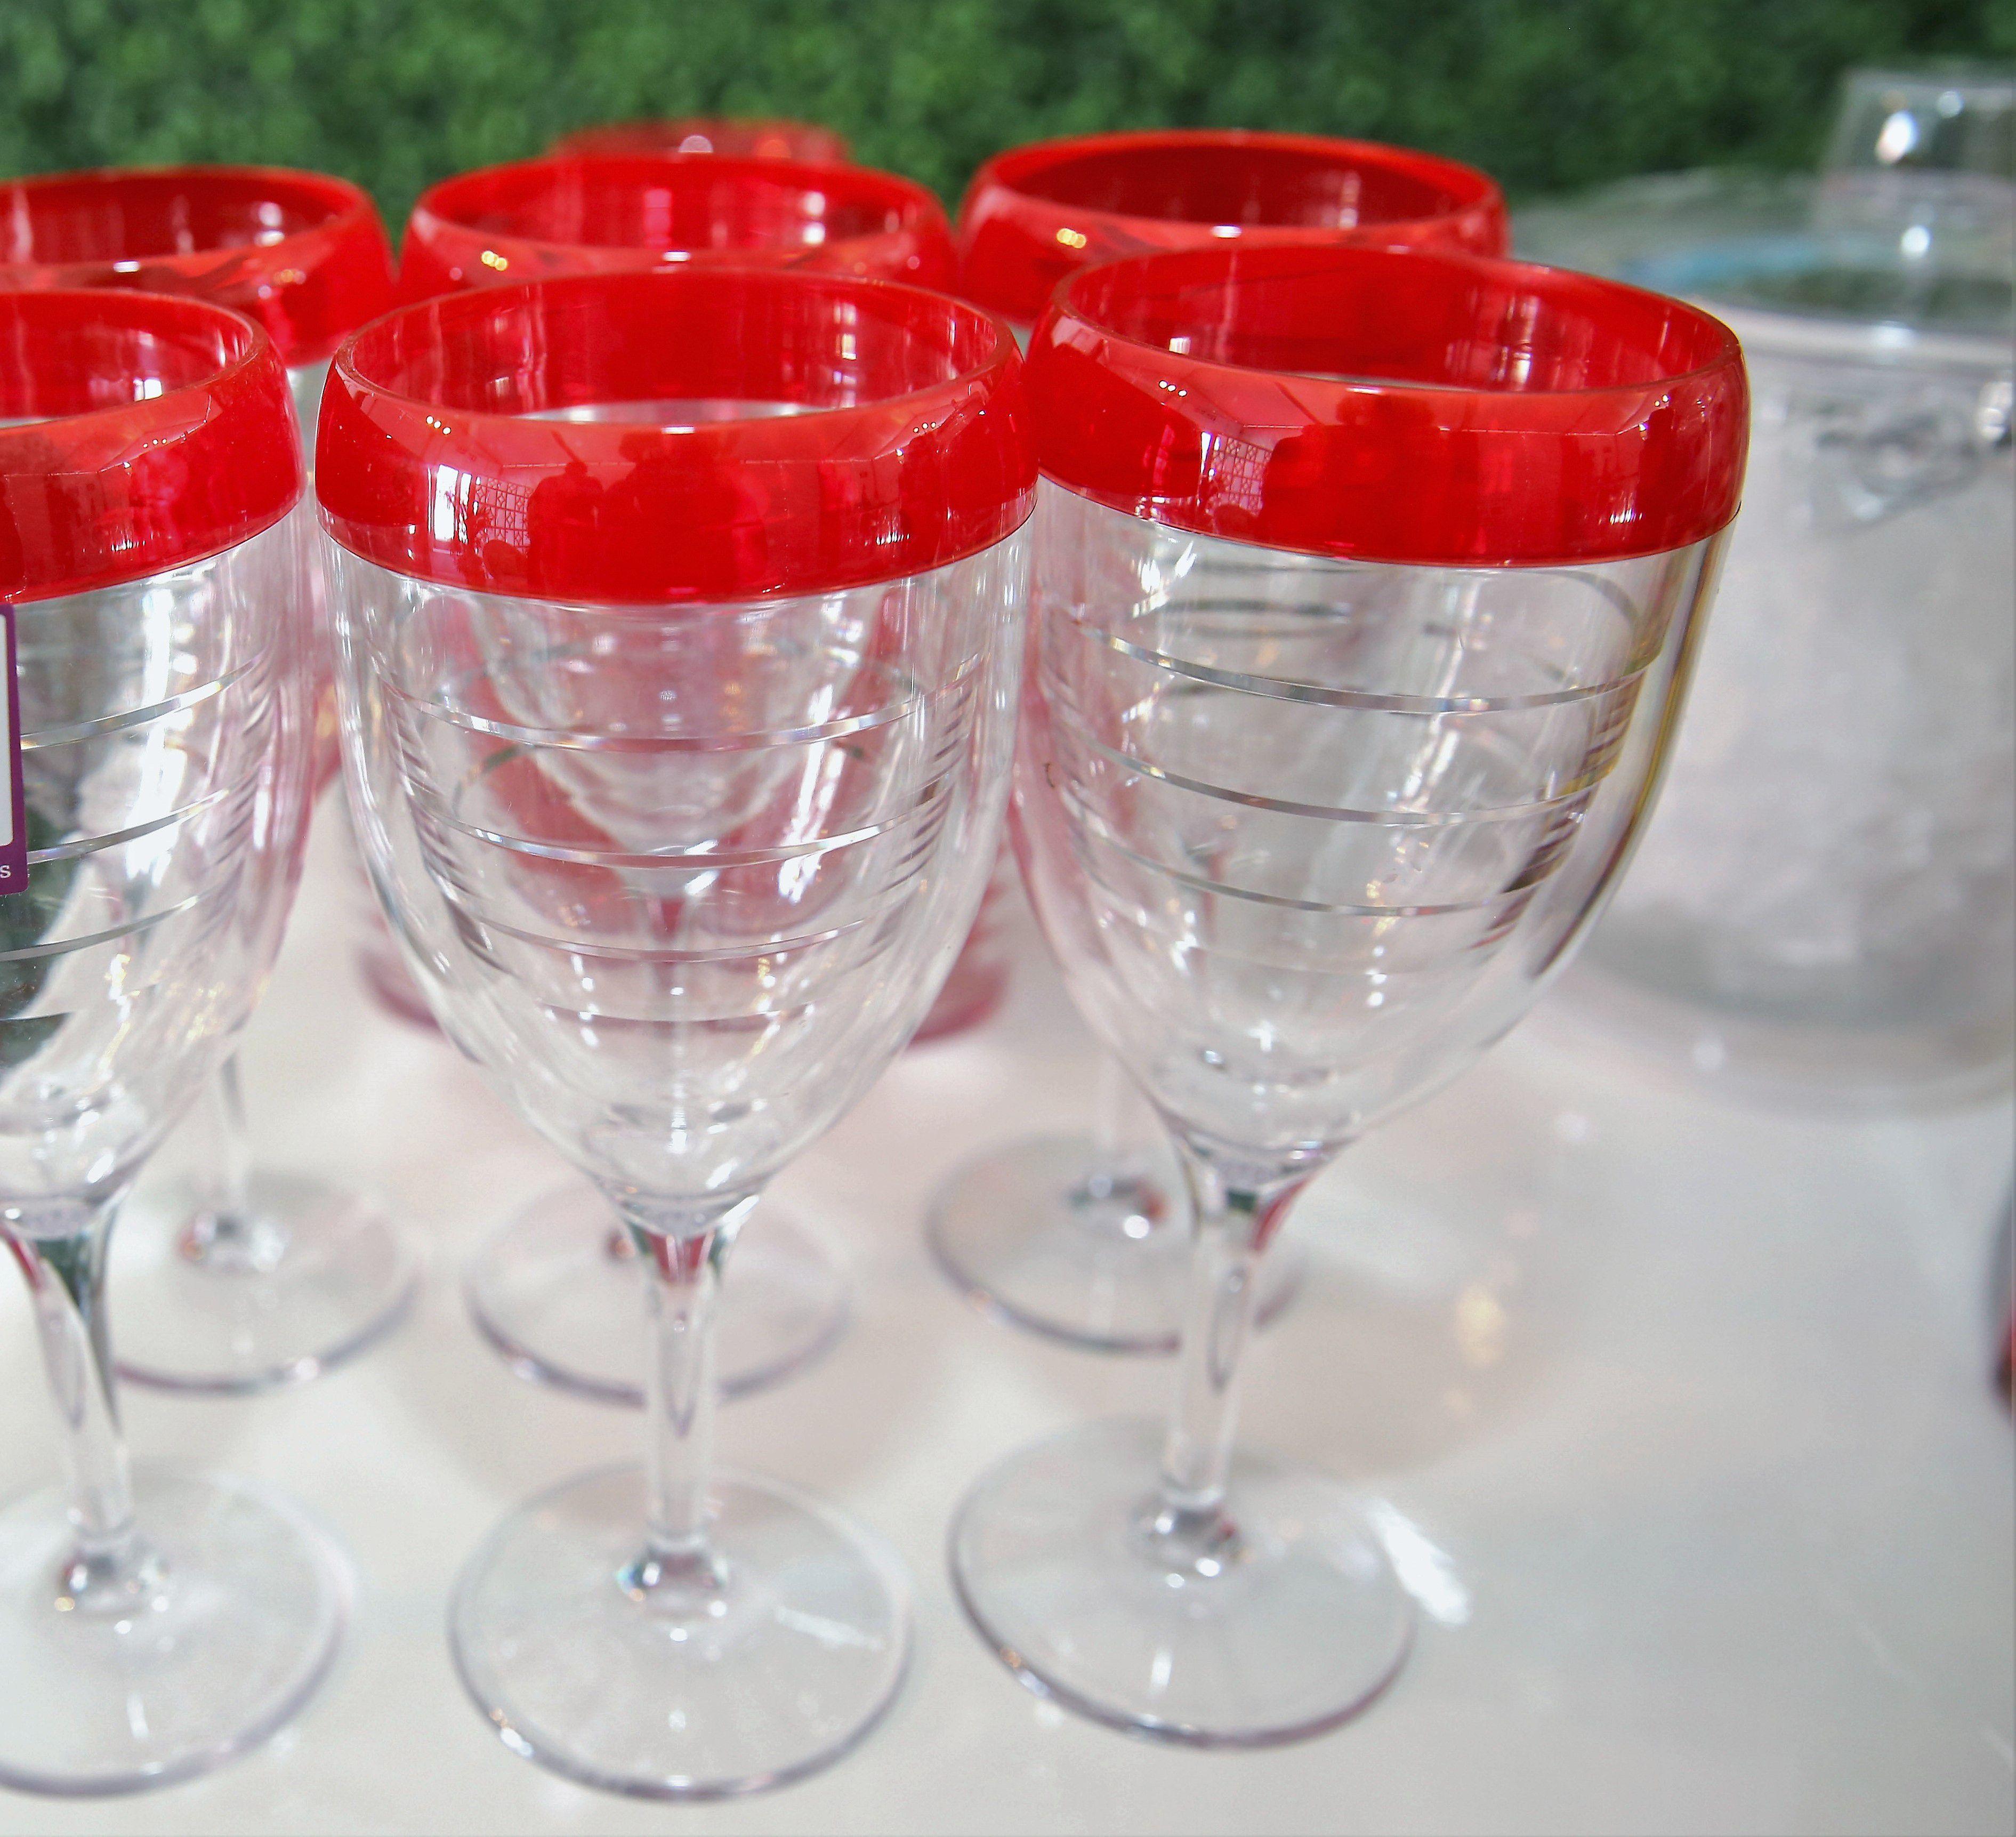 Thermal glasses